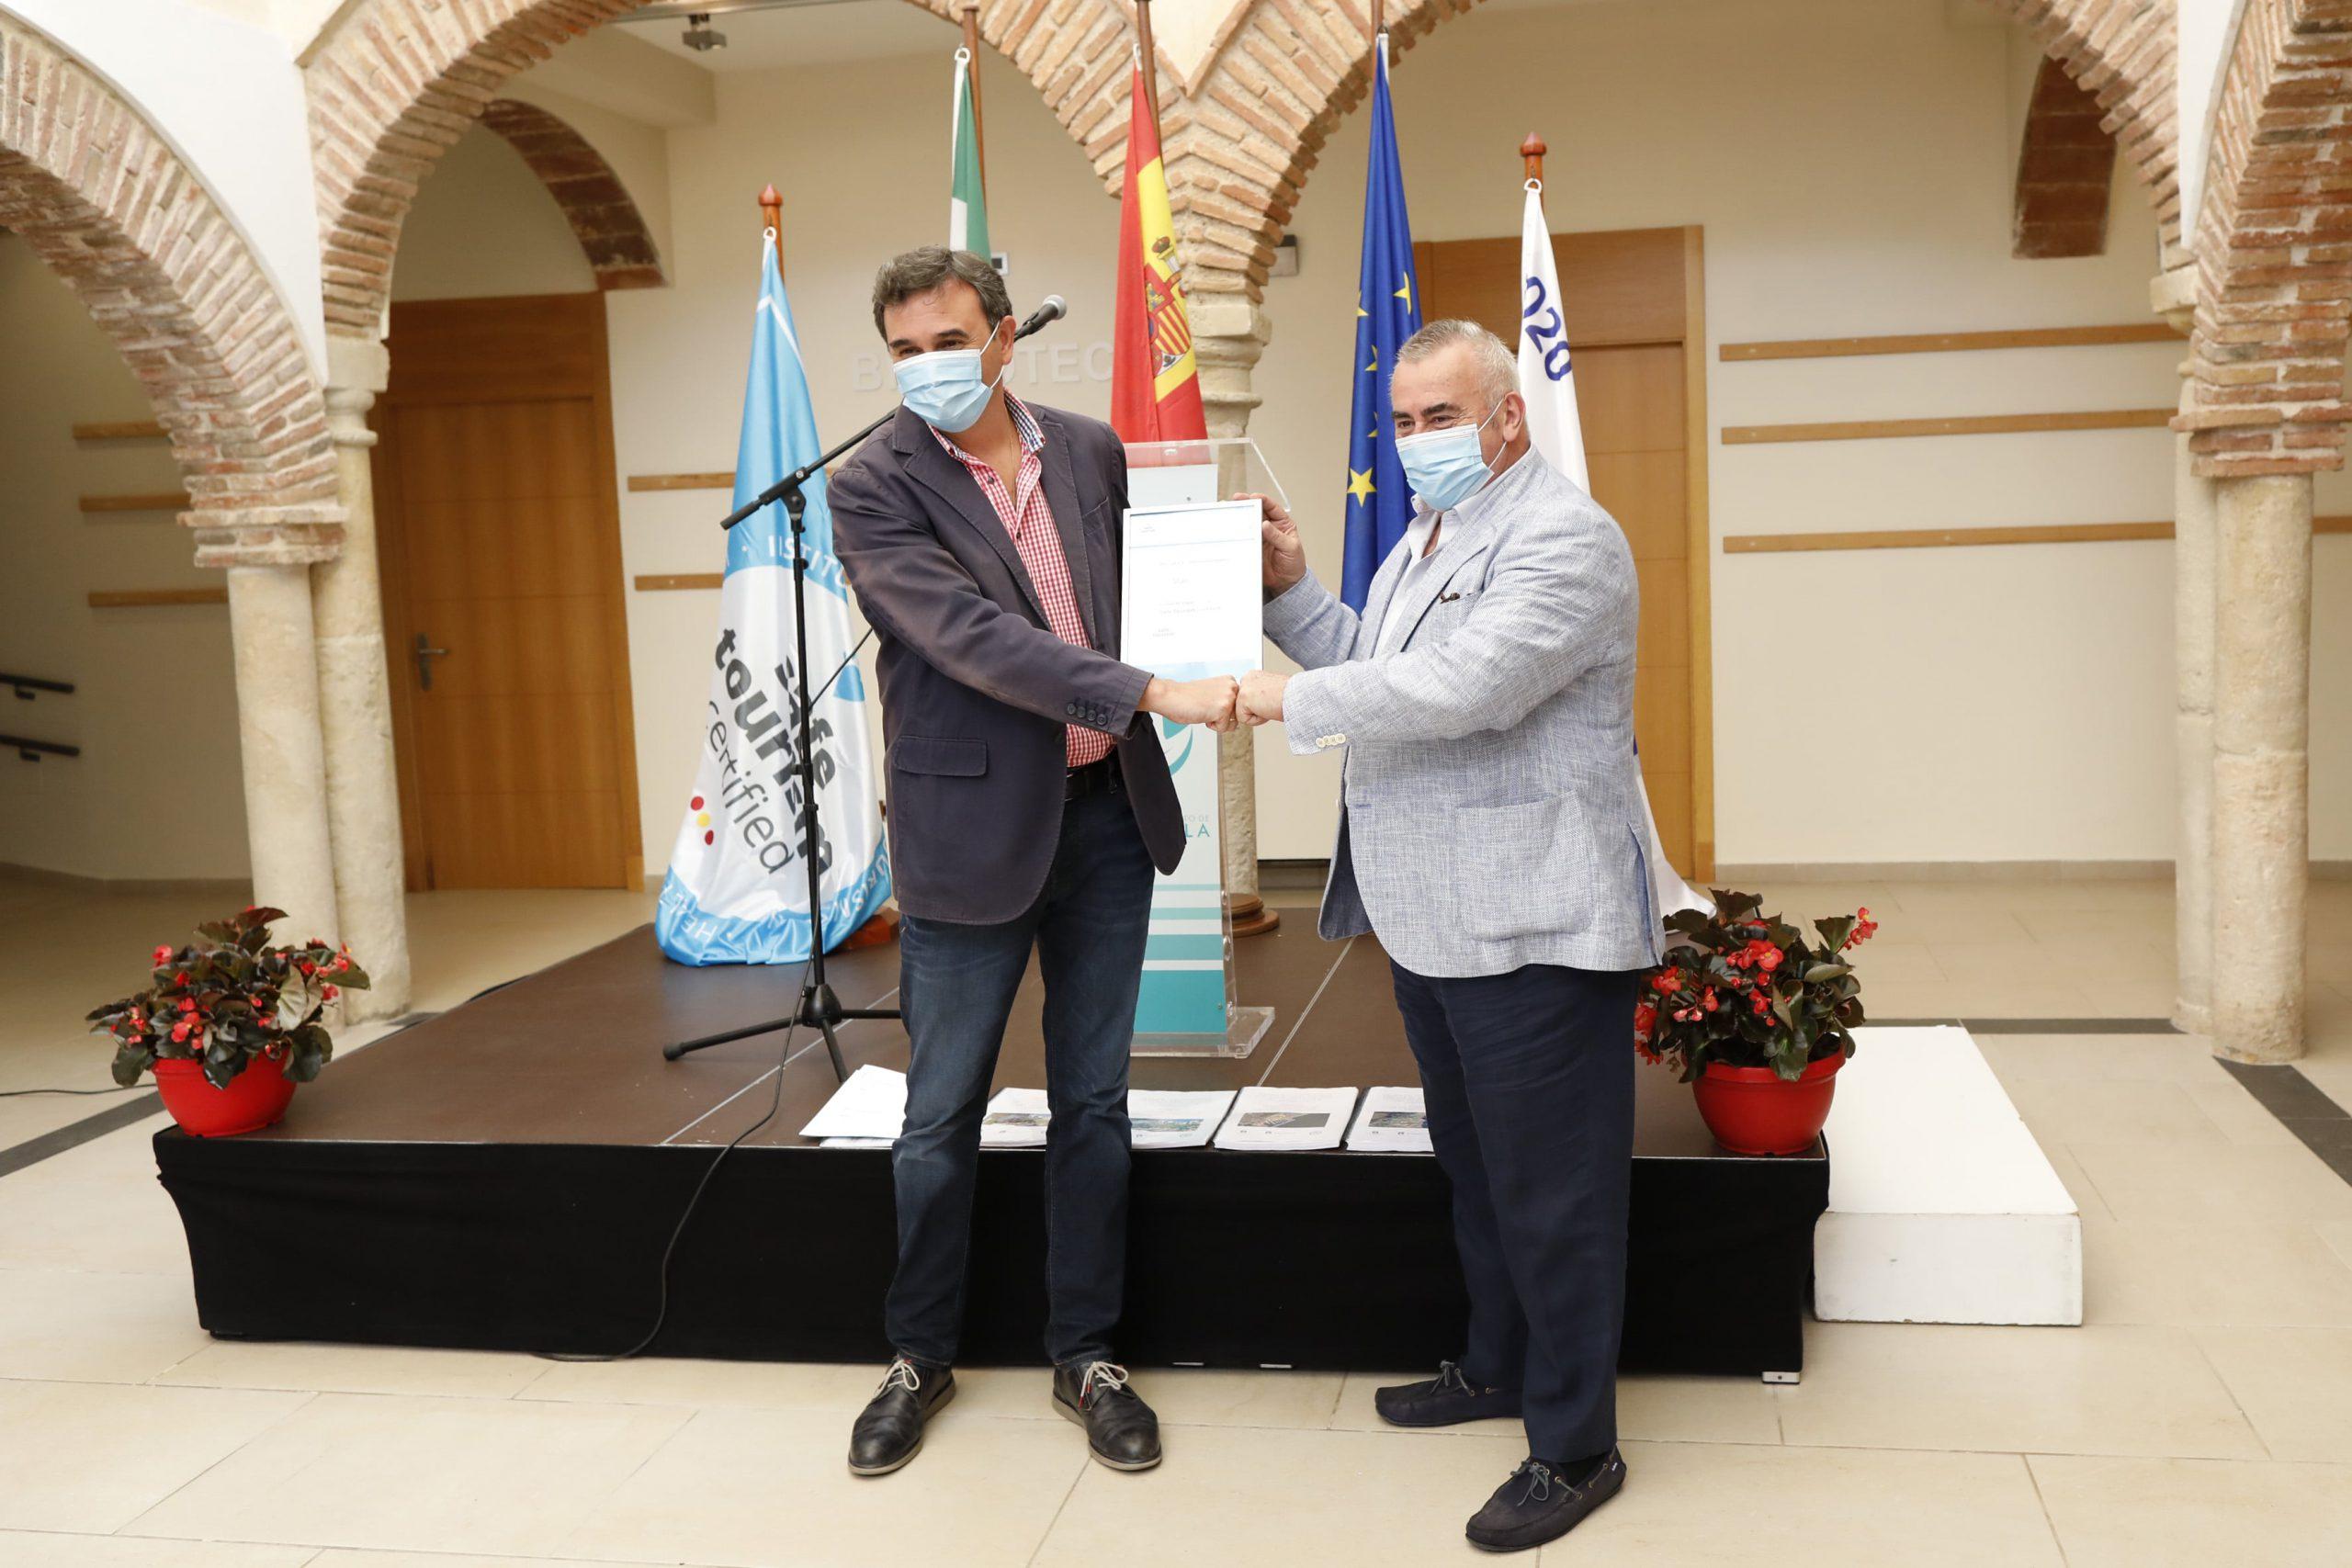 Marbella logra el sello de turismo seguro en sus espacios públicos